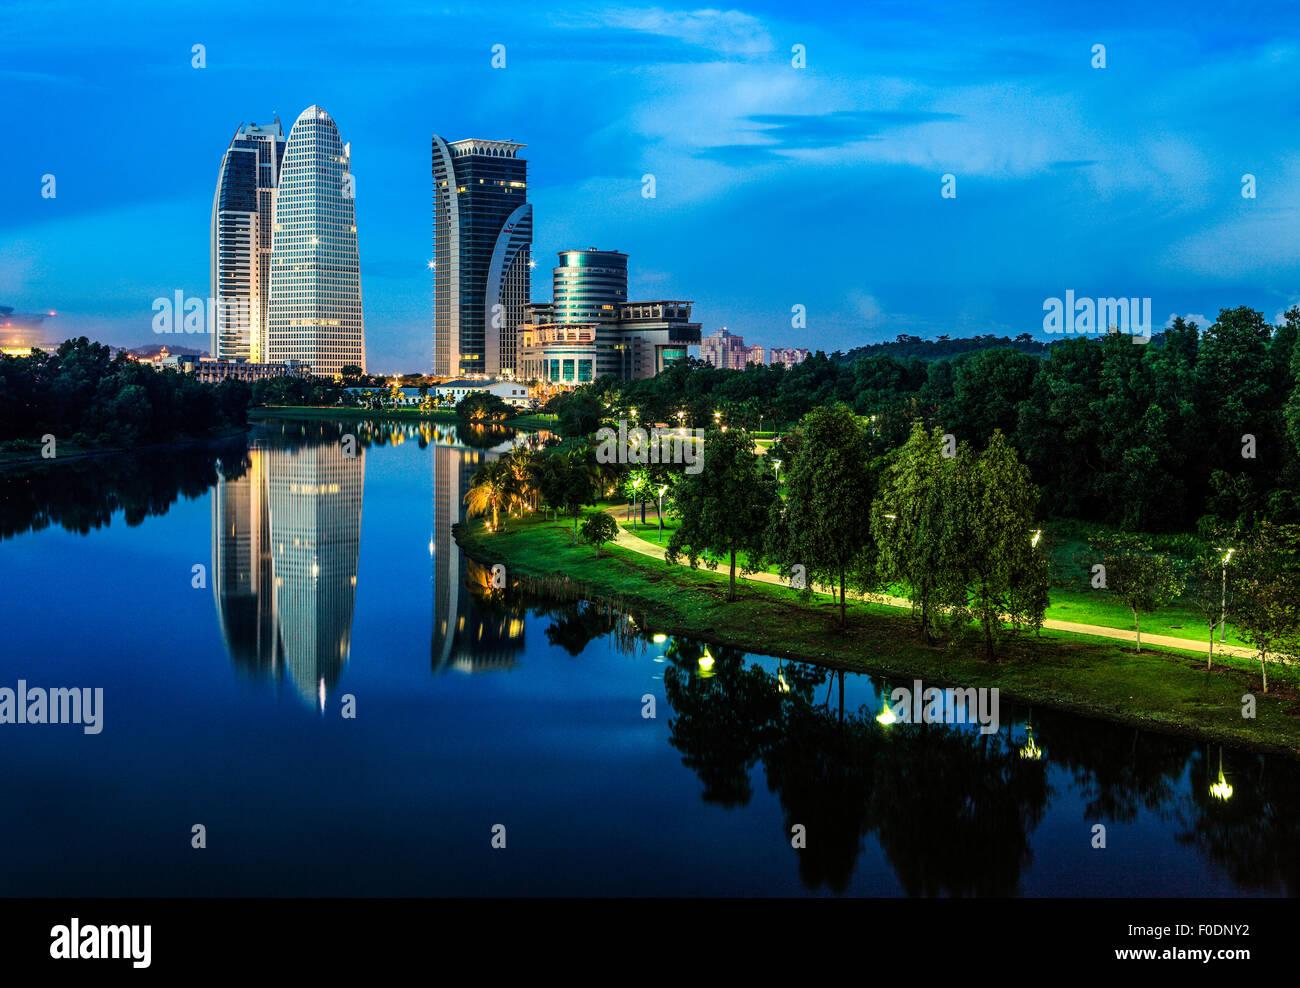 - El Gobierno Putrajaya, capital de Malasia durante el crepúsculo. Imagen De Stock